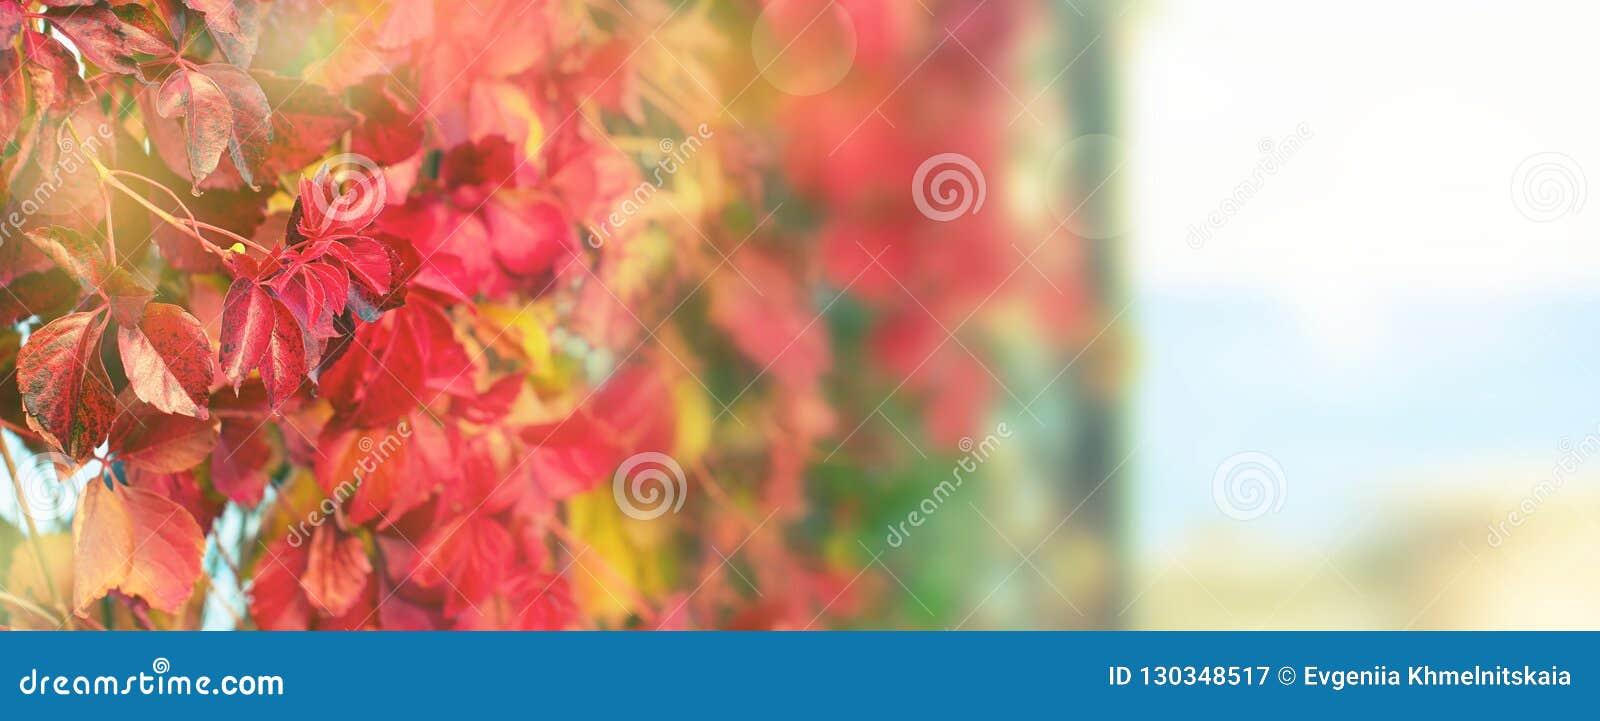 Природный парк листвы завода осени знамени красный на ландшафта осени пляжа фокусе красивого выборочном